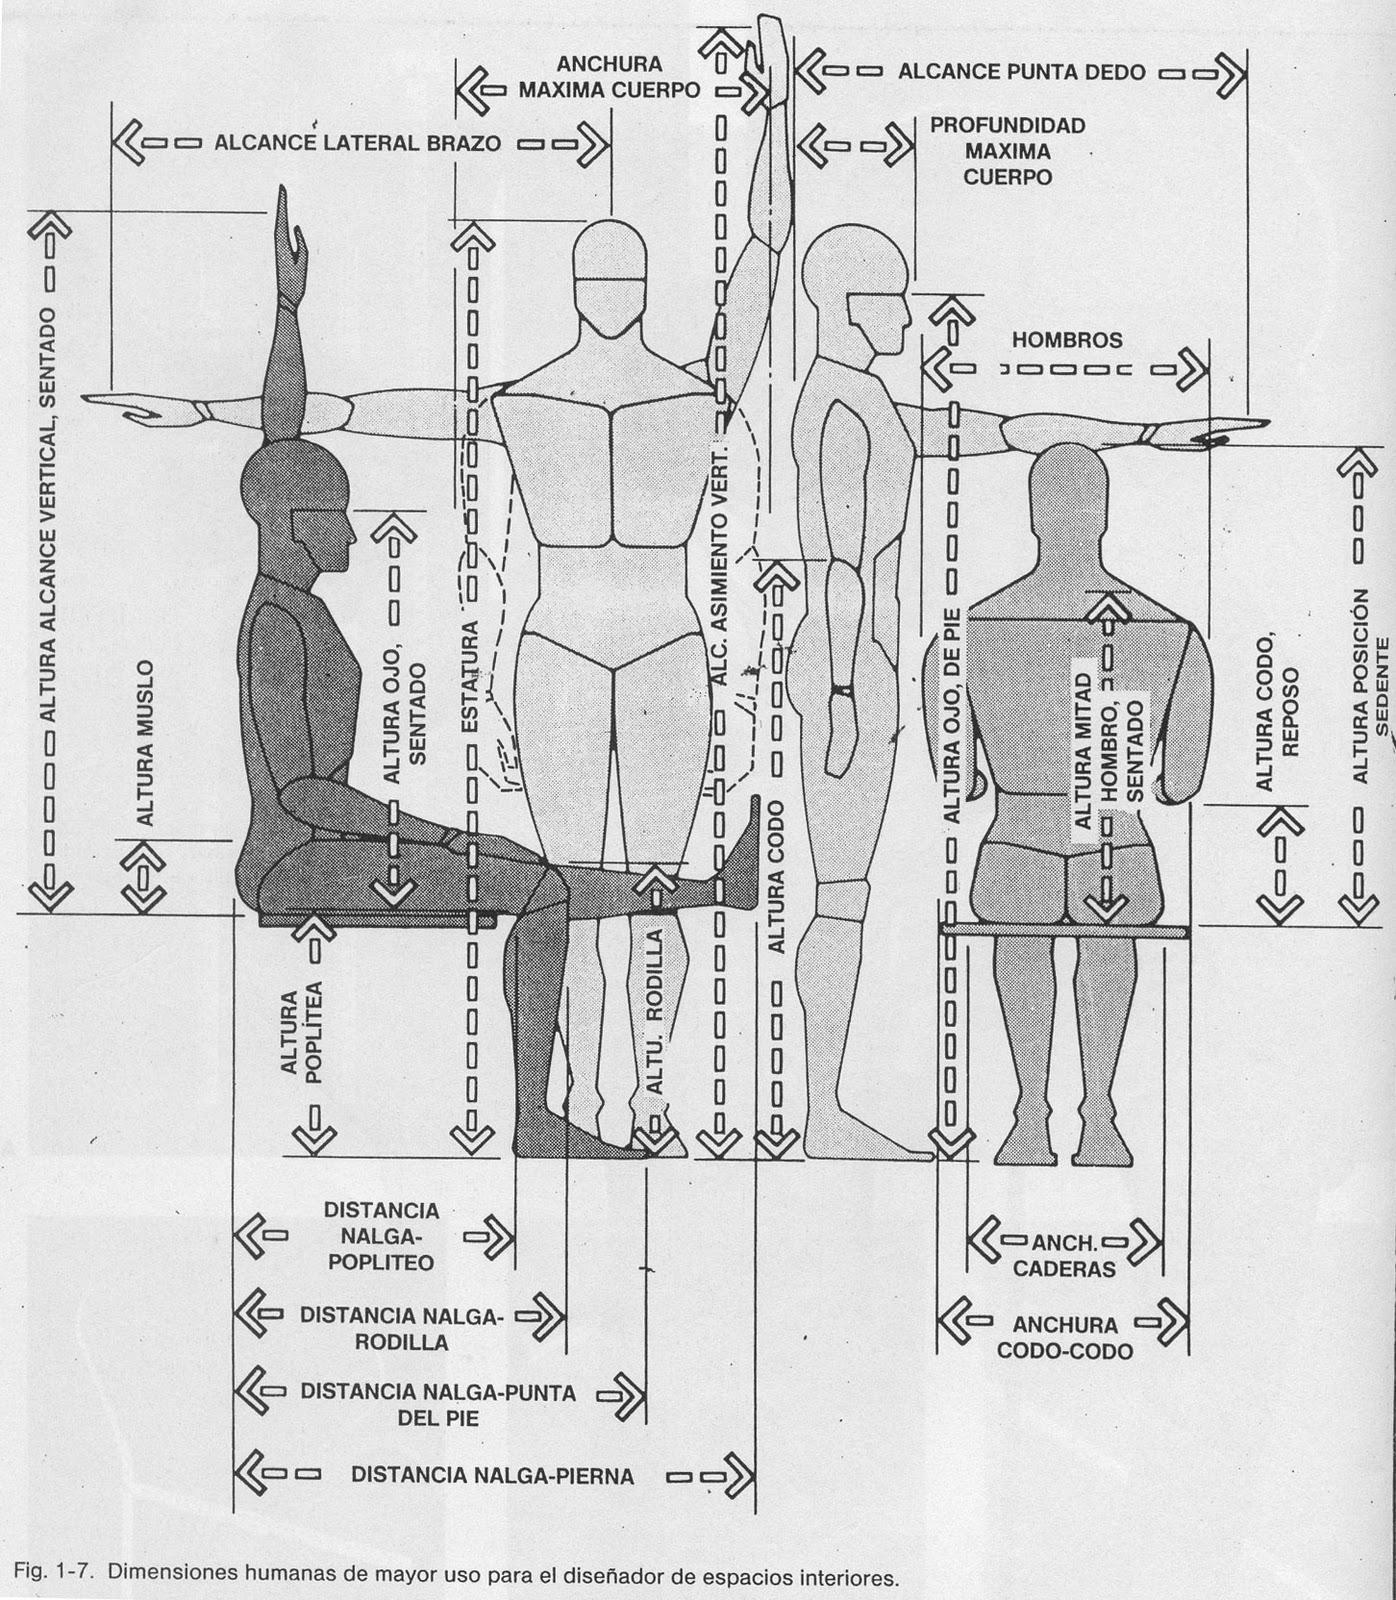 Ergonom a y salud ocupacional for Antropometria y ergonomia